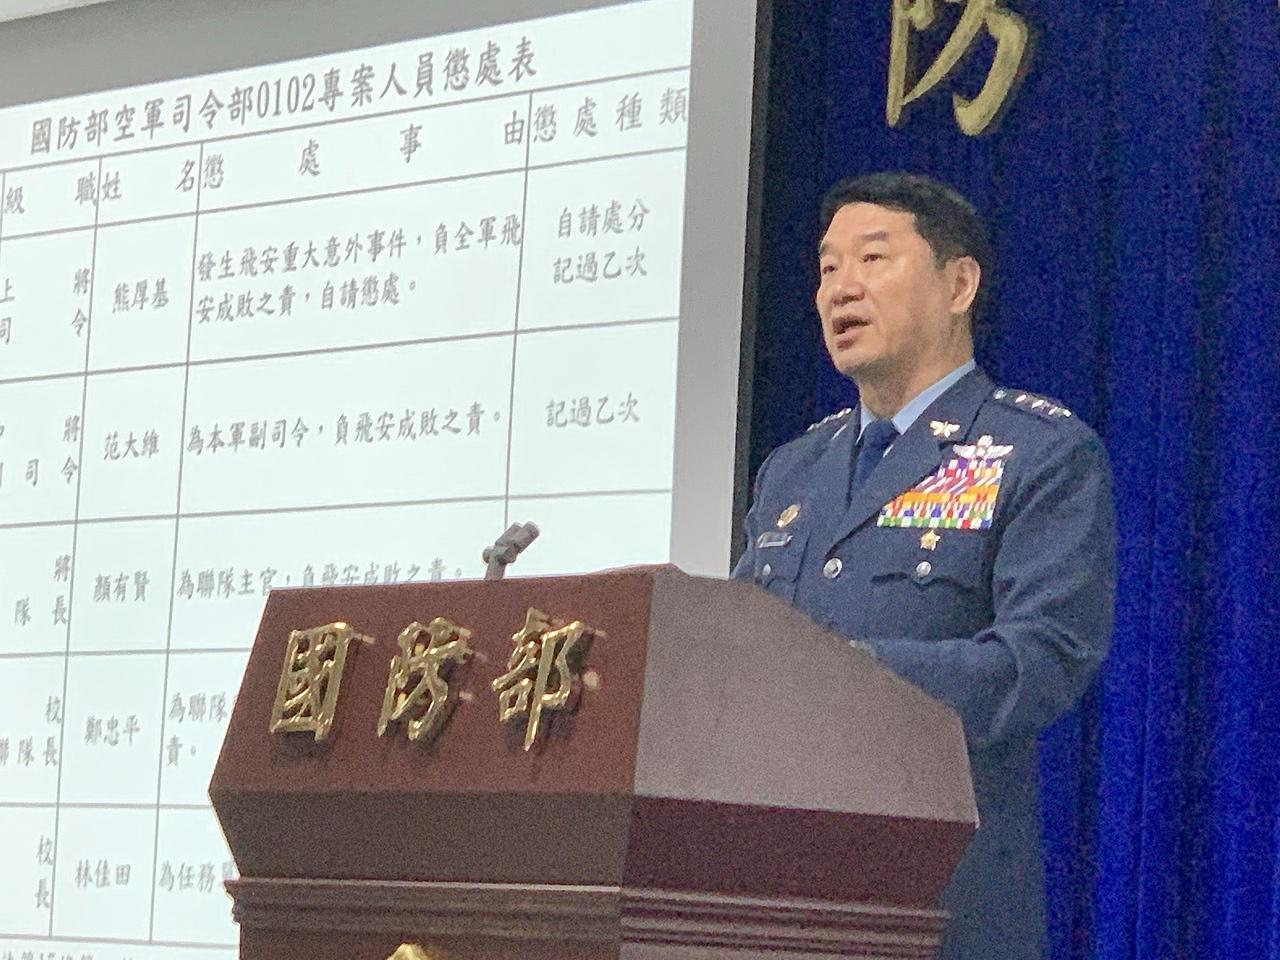 空軍司令熊厚基上午表示,公布黑鷹直升機失事詳盡肇因,是告慰將士在天之靈最好的方式,相信也是殉職將士所希望的。記者洪哲政/攝影